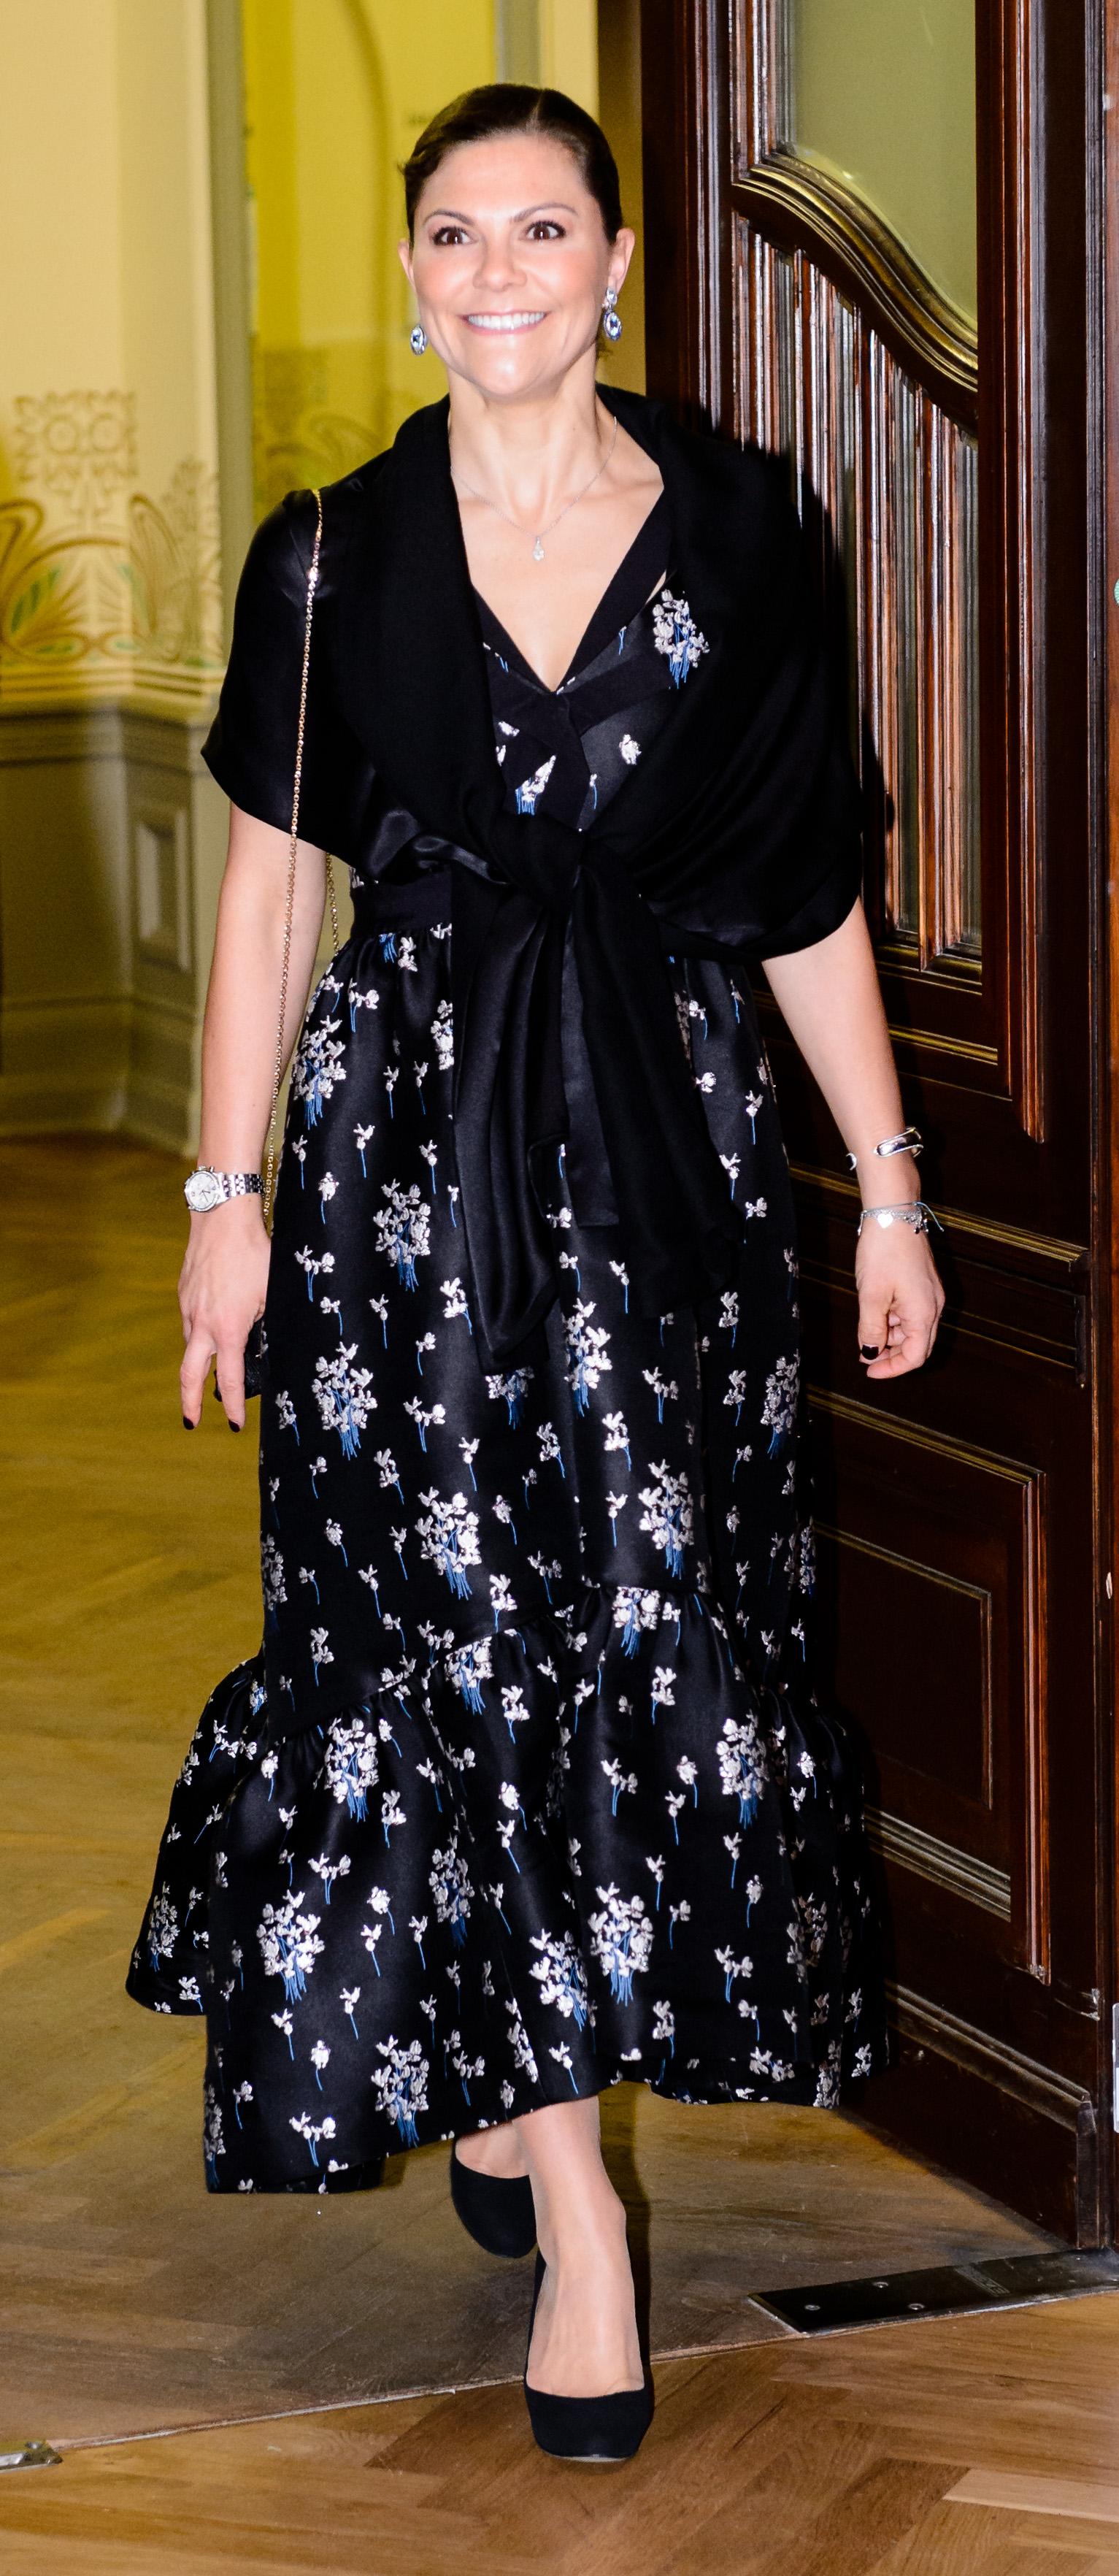 Ob die Familienplanung von Kronprinzessin Victoria abgeschlossen ist? Privatsache! Foto: Getty Images